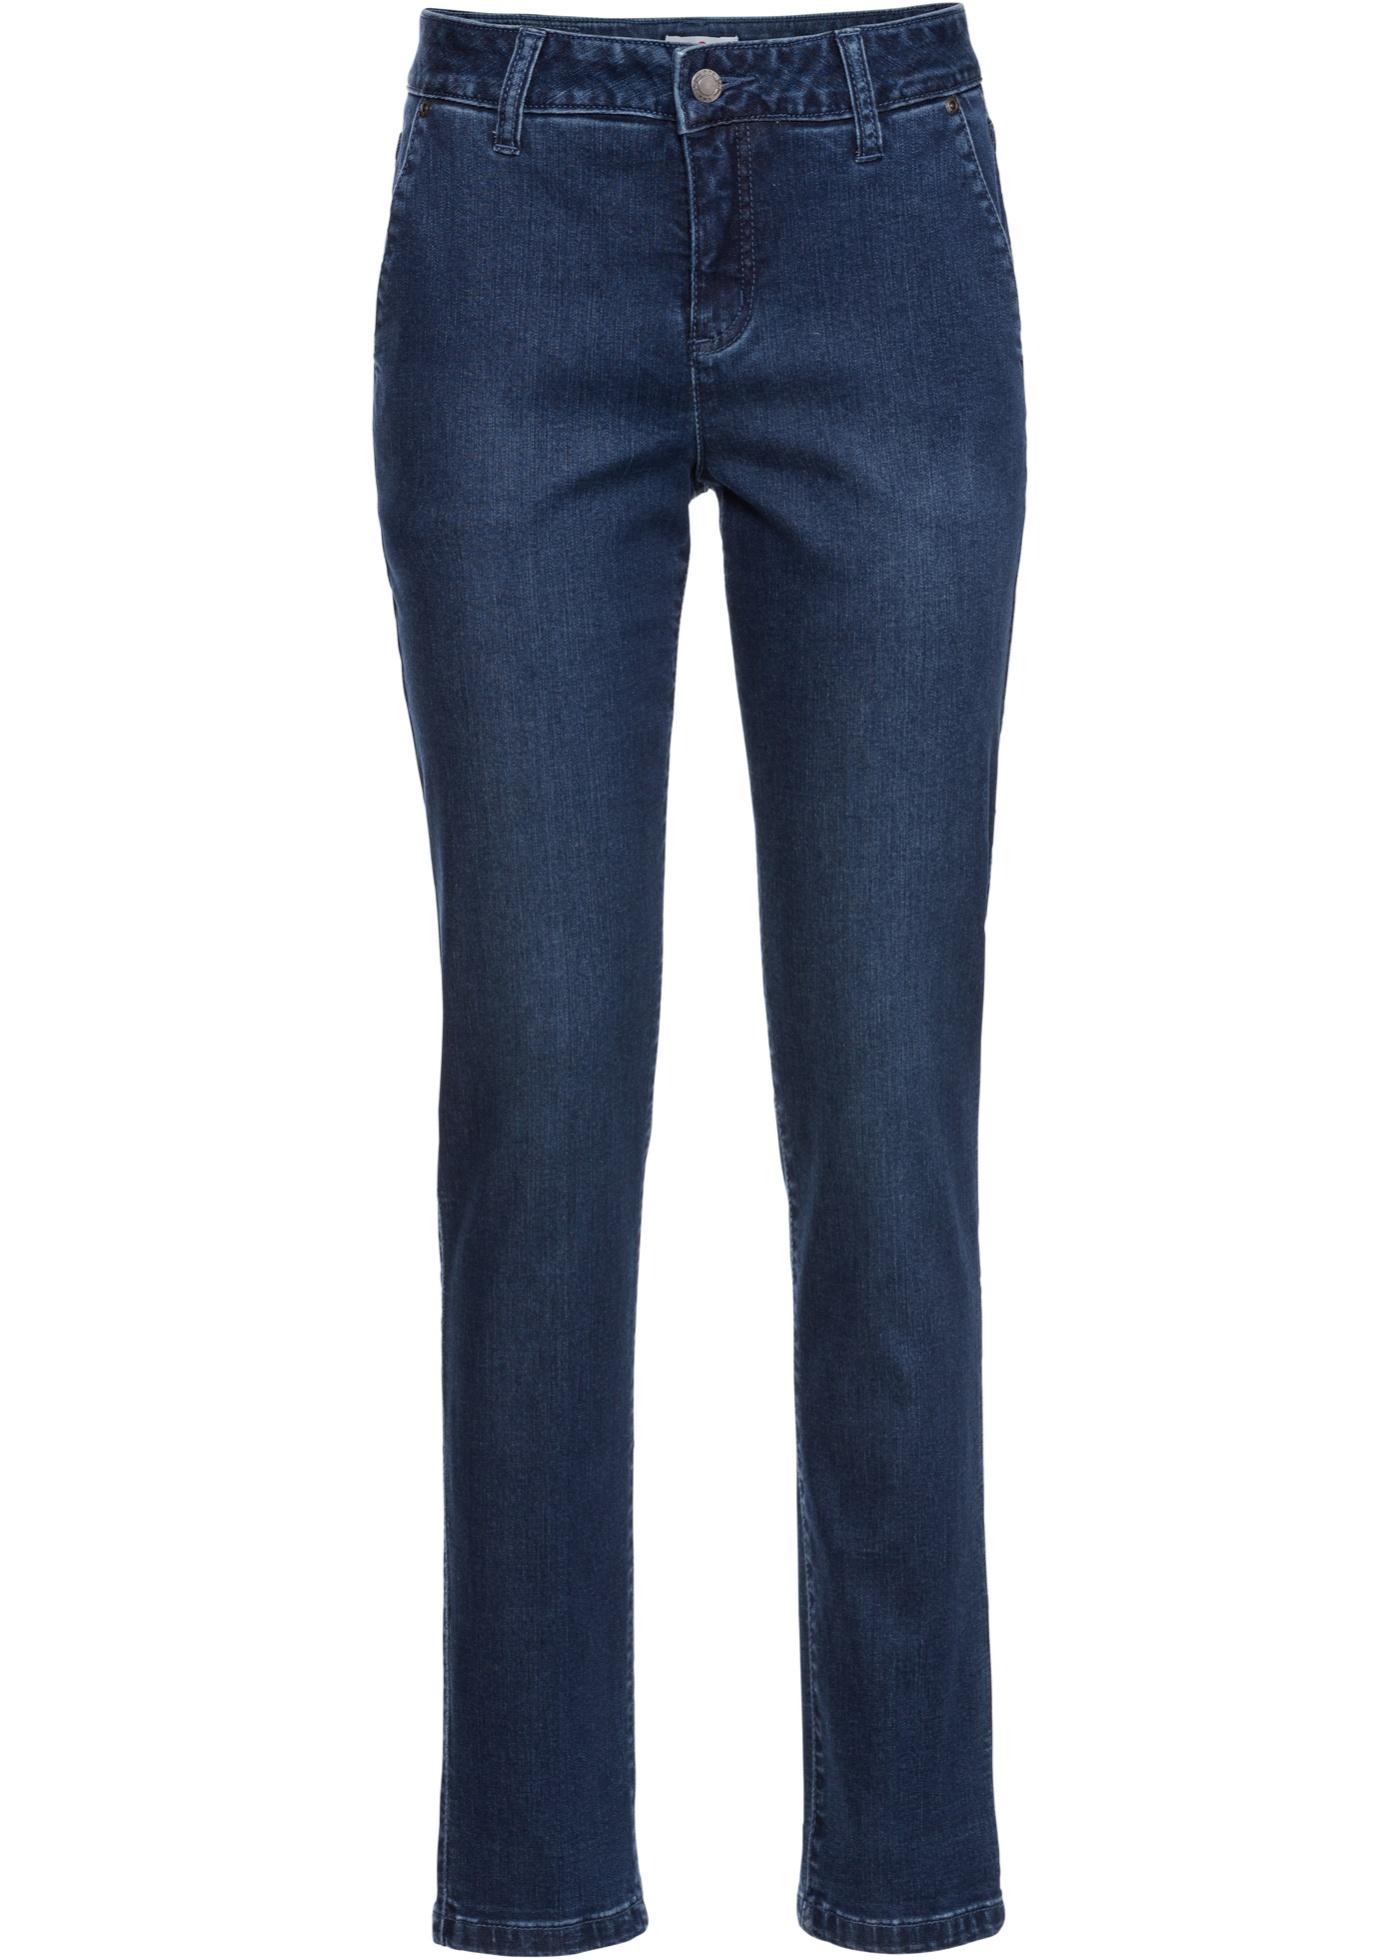 Ultra-Soft-Jeans mit seidigem Griff BOYFRIEND, ...